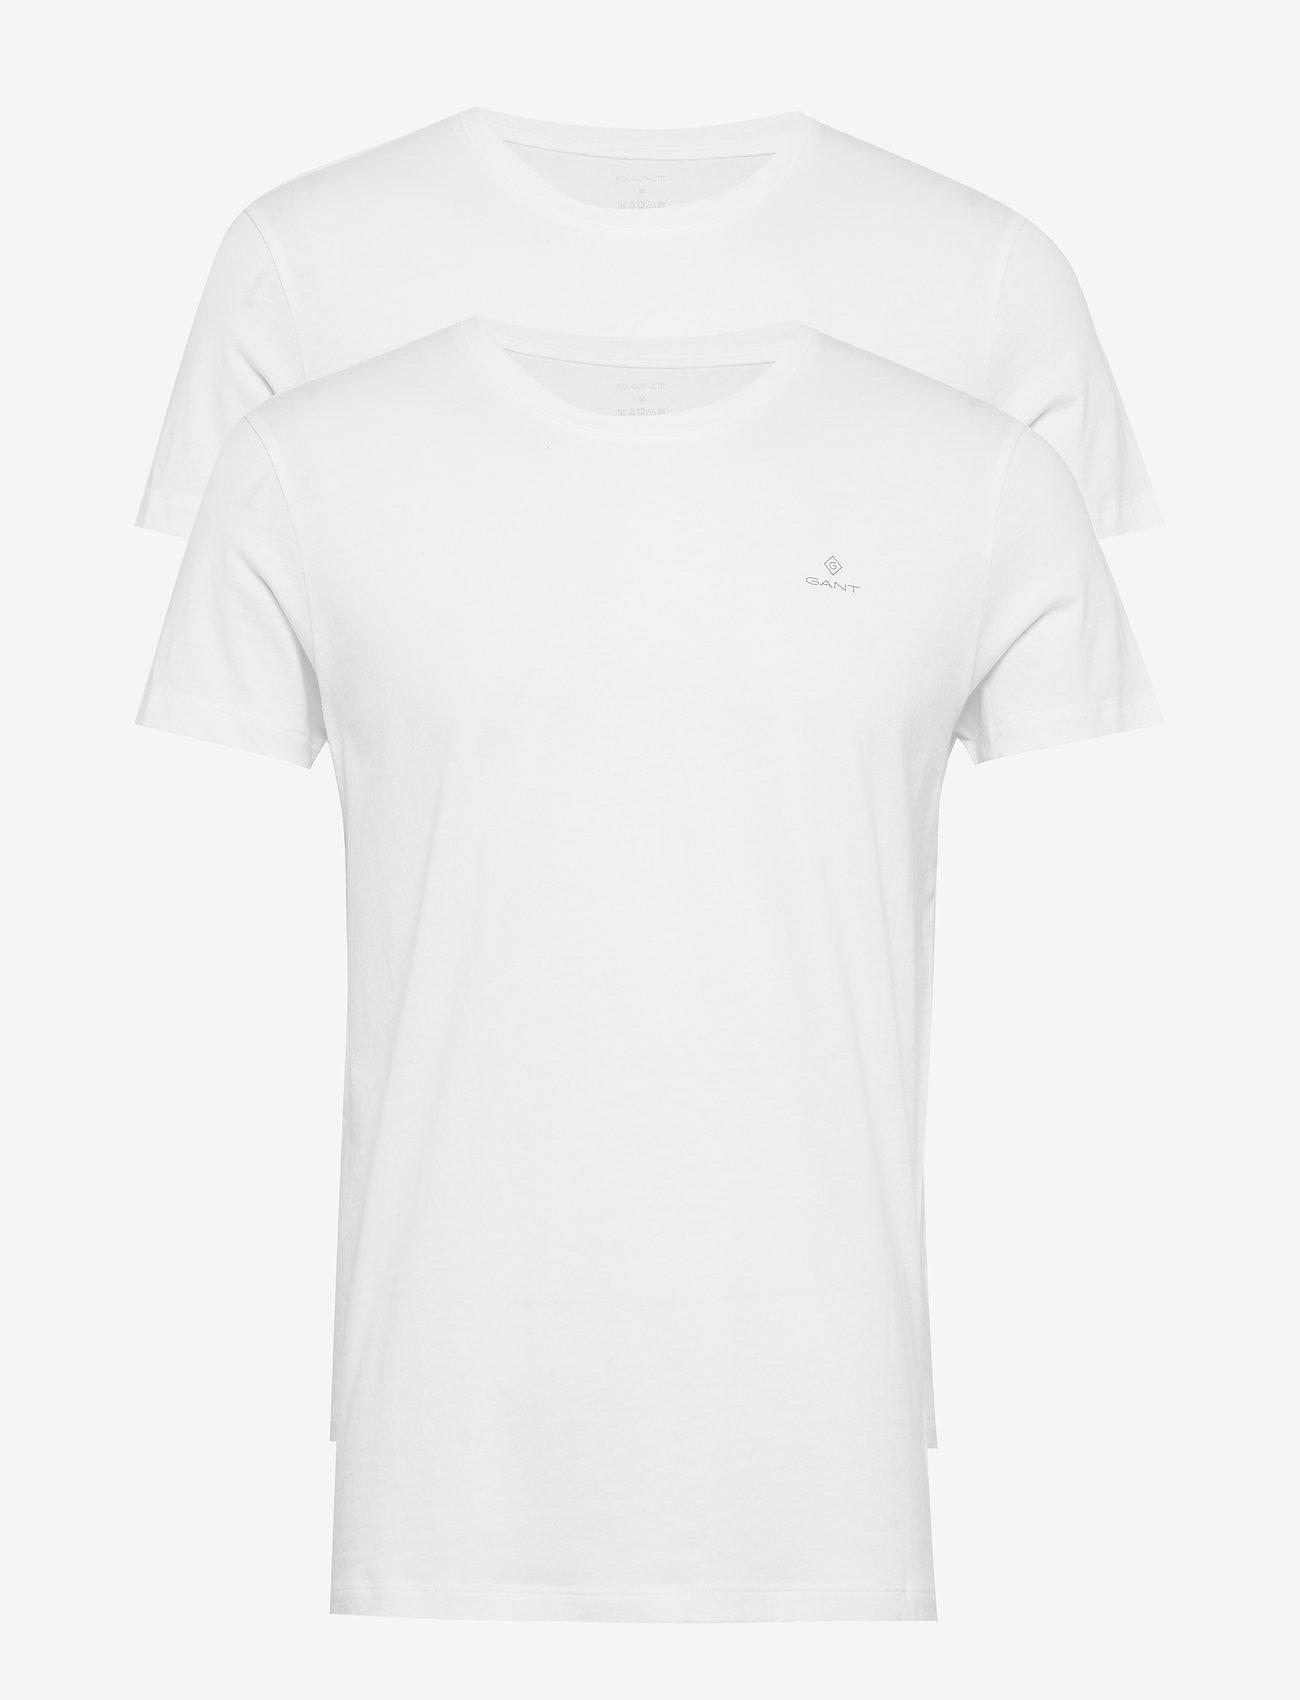 GANT - BASIC 2-PACK CREW NECK T-SHIRT - multipack - white - 0